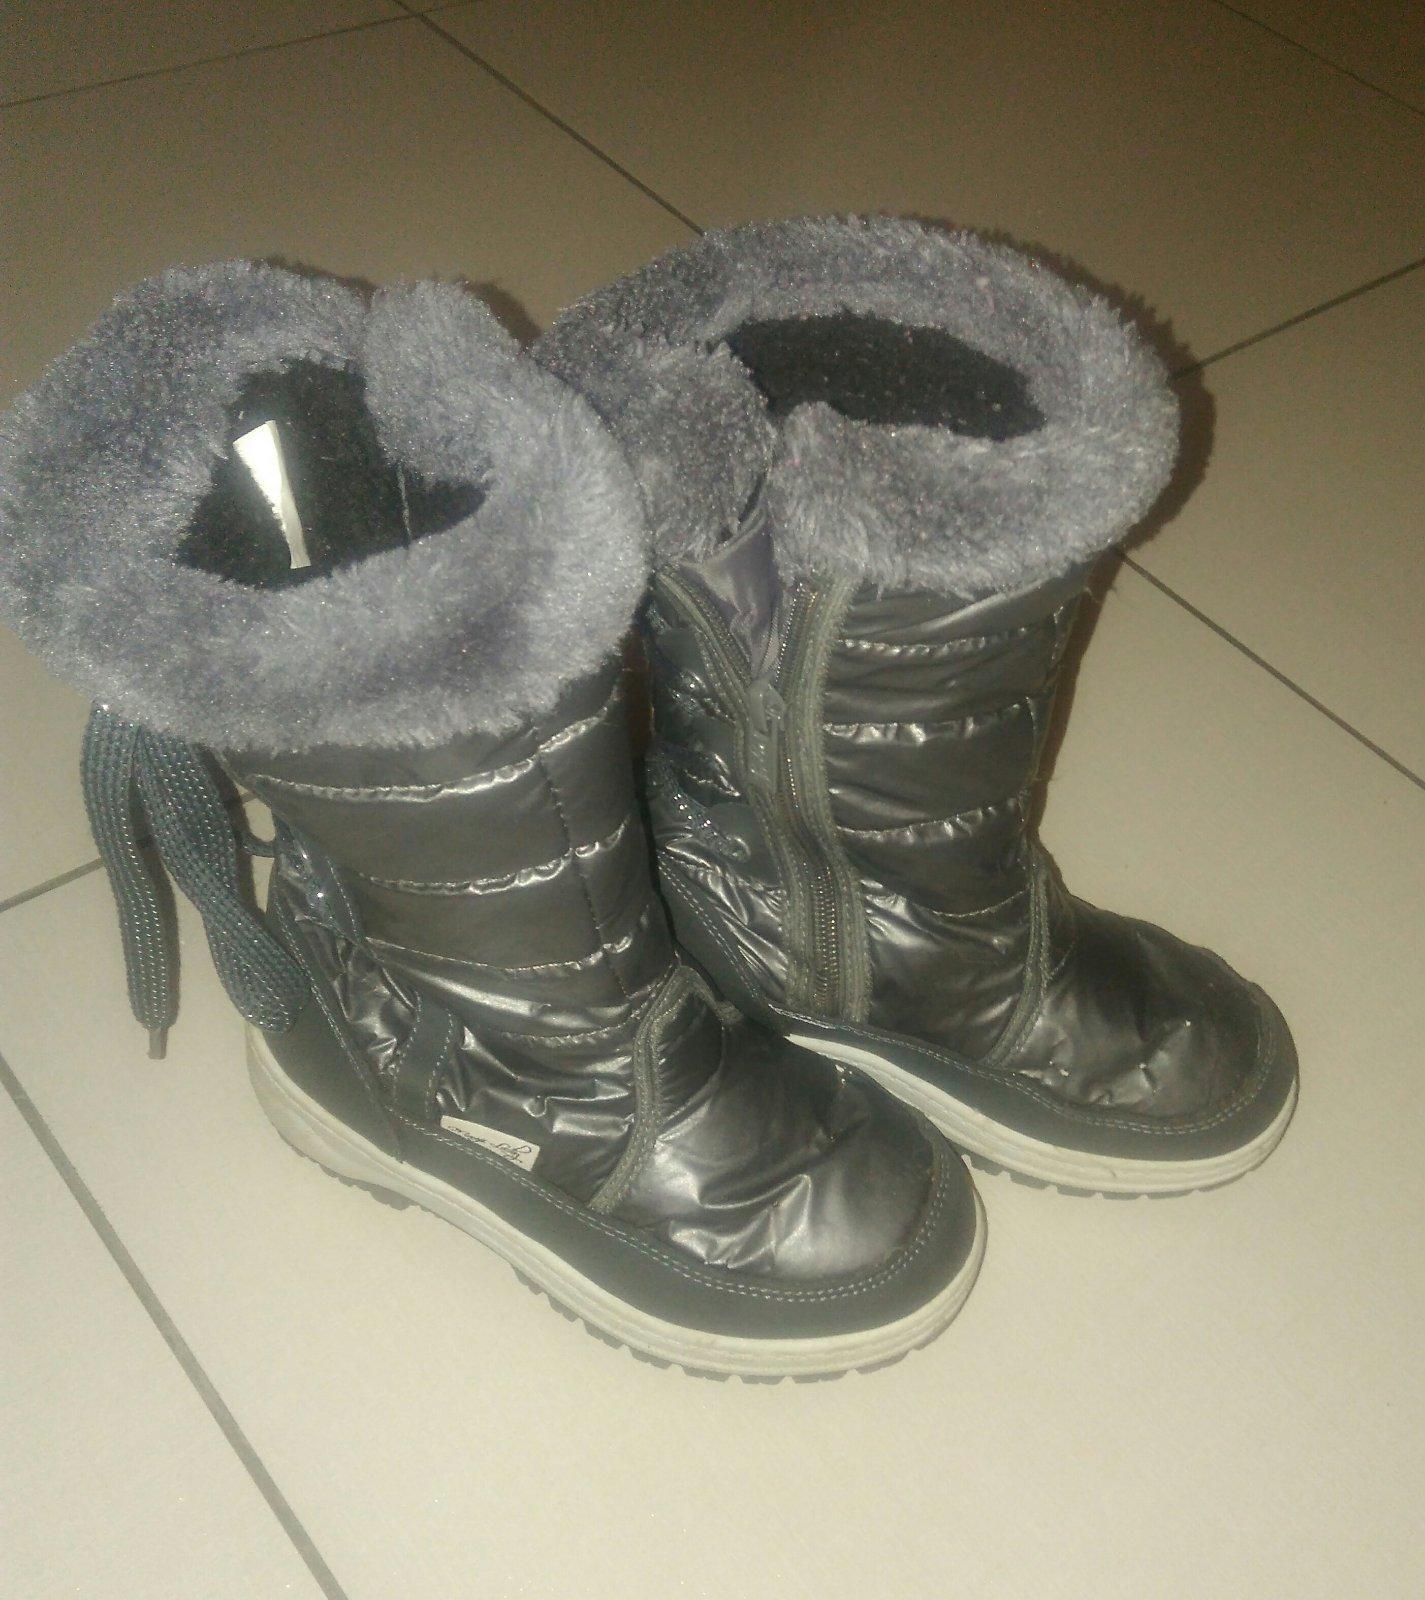 2715283d12514 Dievčenské čižmy snehule tyzdne, 30 - 8 € od predávajúcej danielca | Detský  bazár | ModryKonik.sk